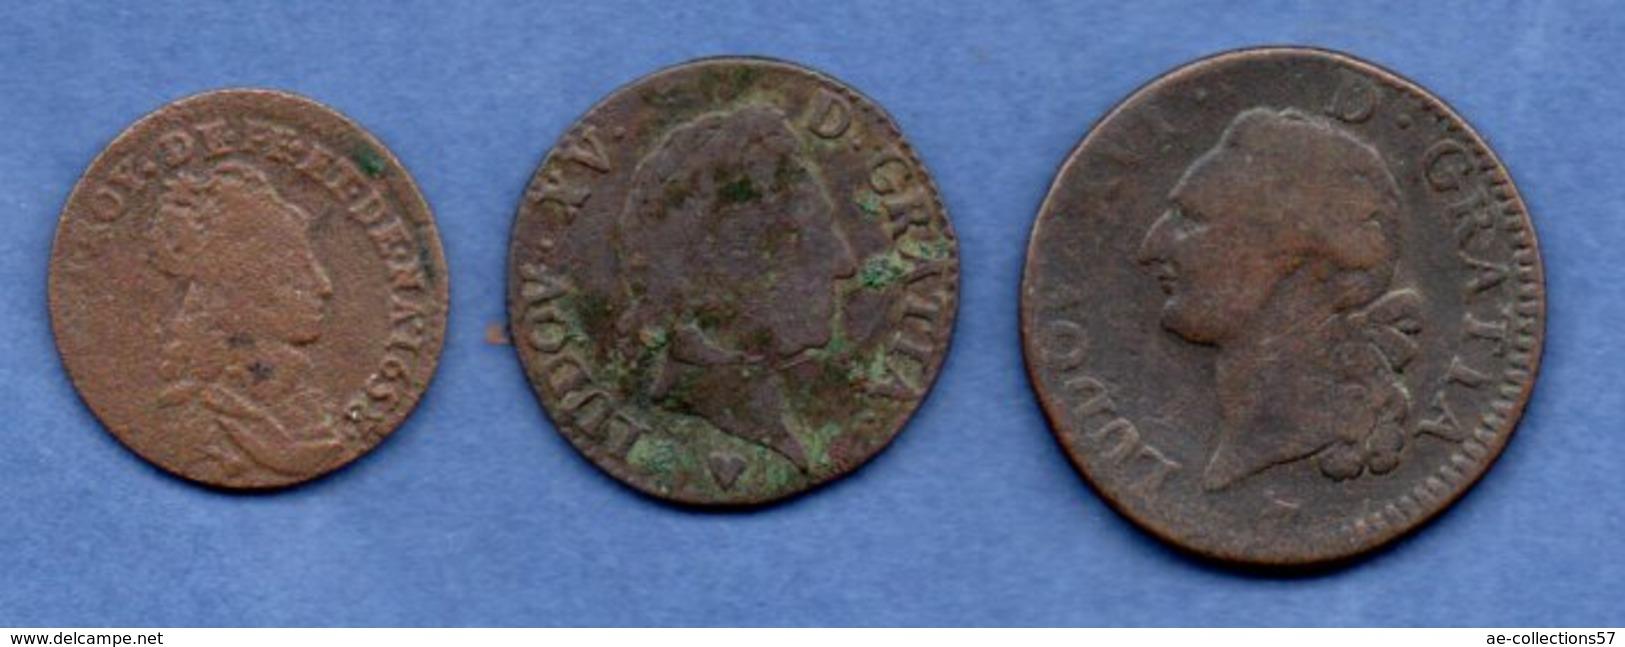 Royales  -  Lot De 3 Monnaies - Autres